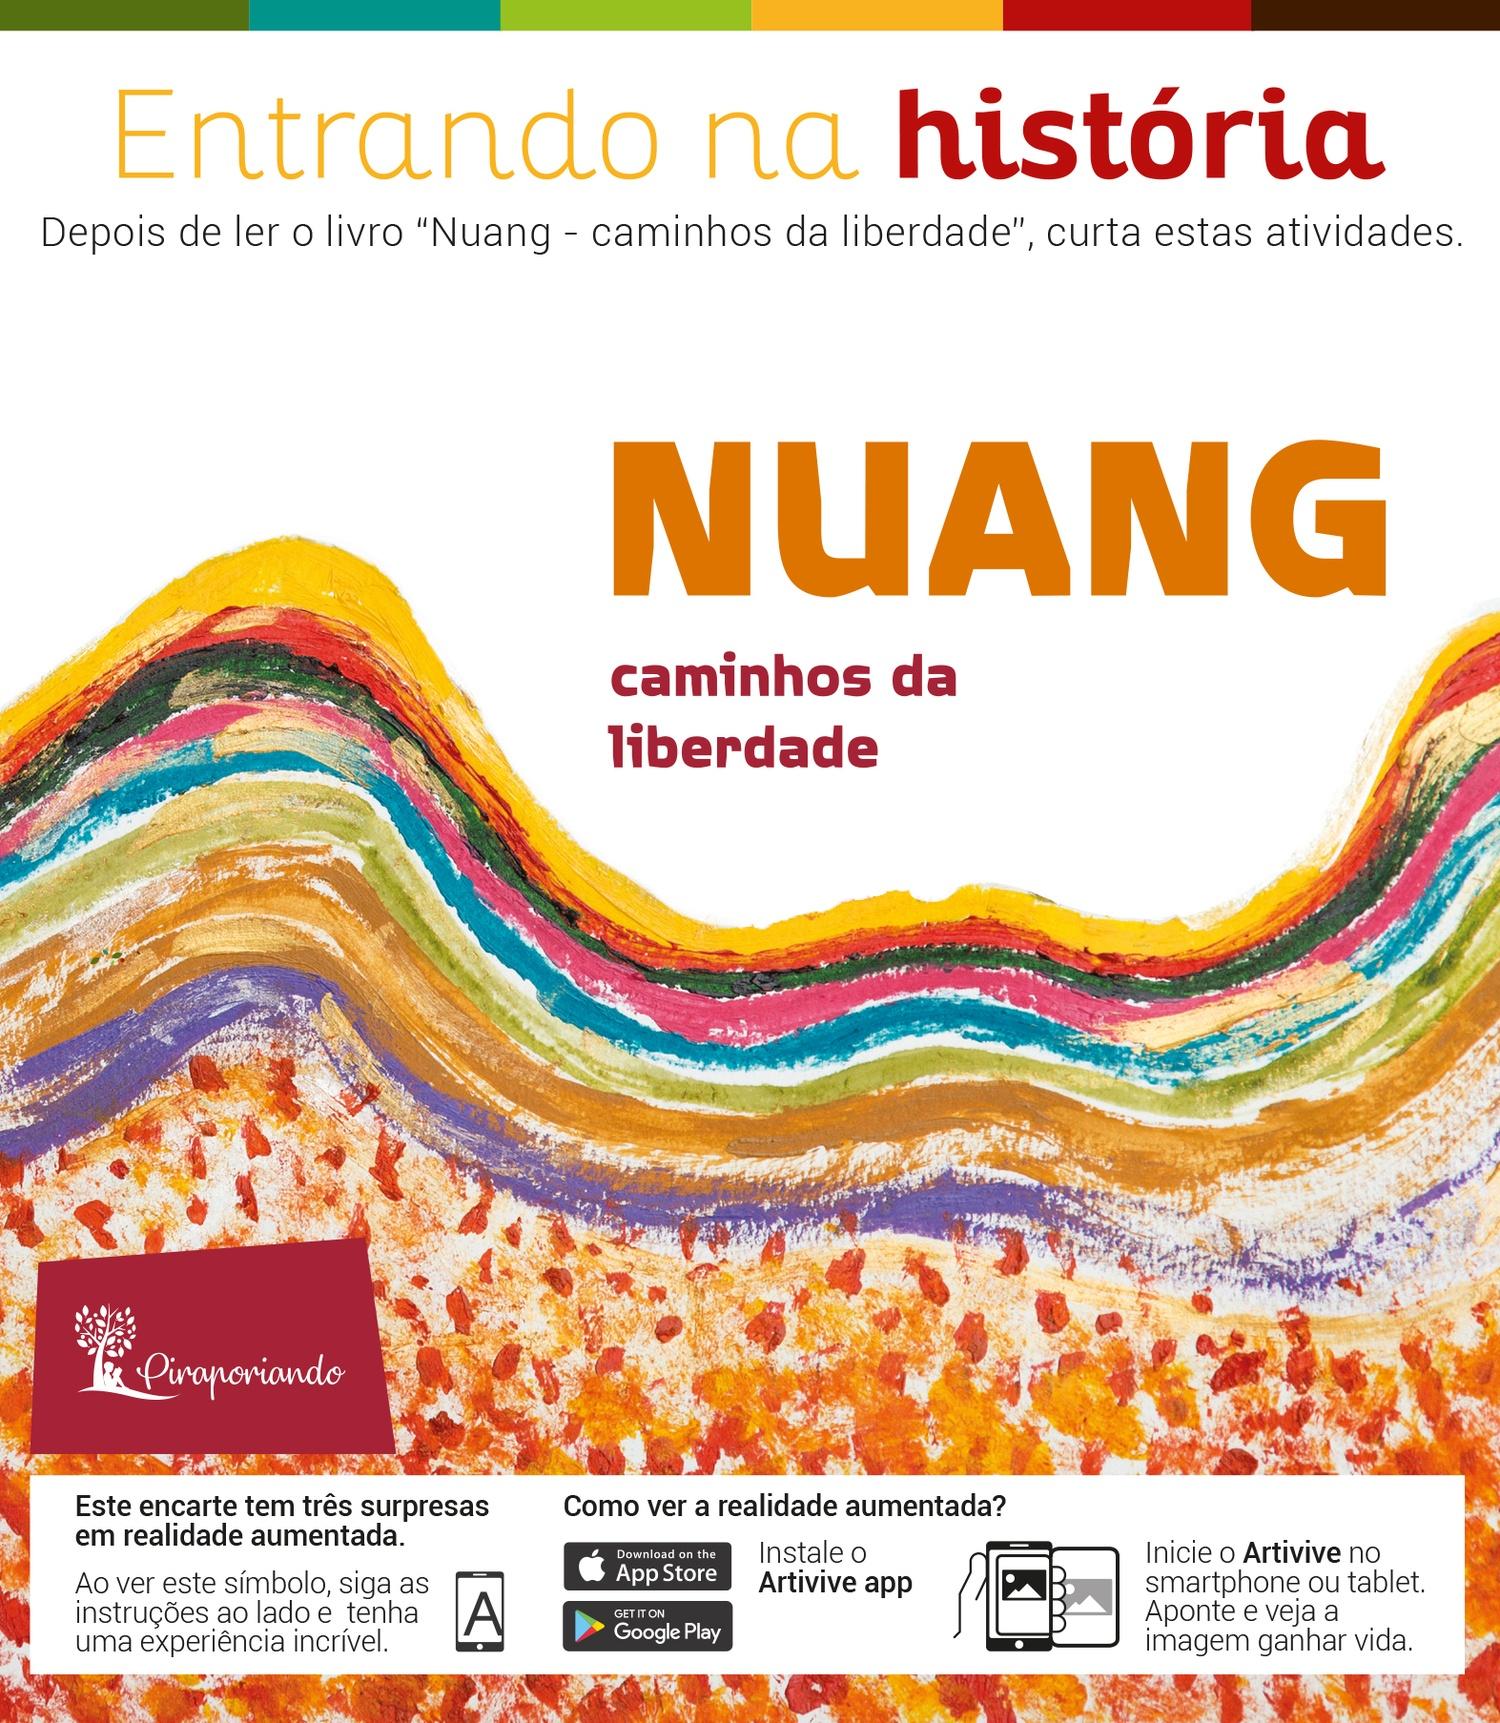 Nuang, Caminhos da Liberdade - Encarte de Atividades